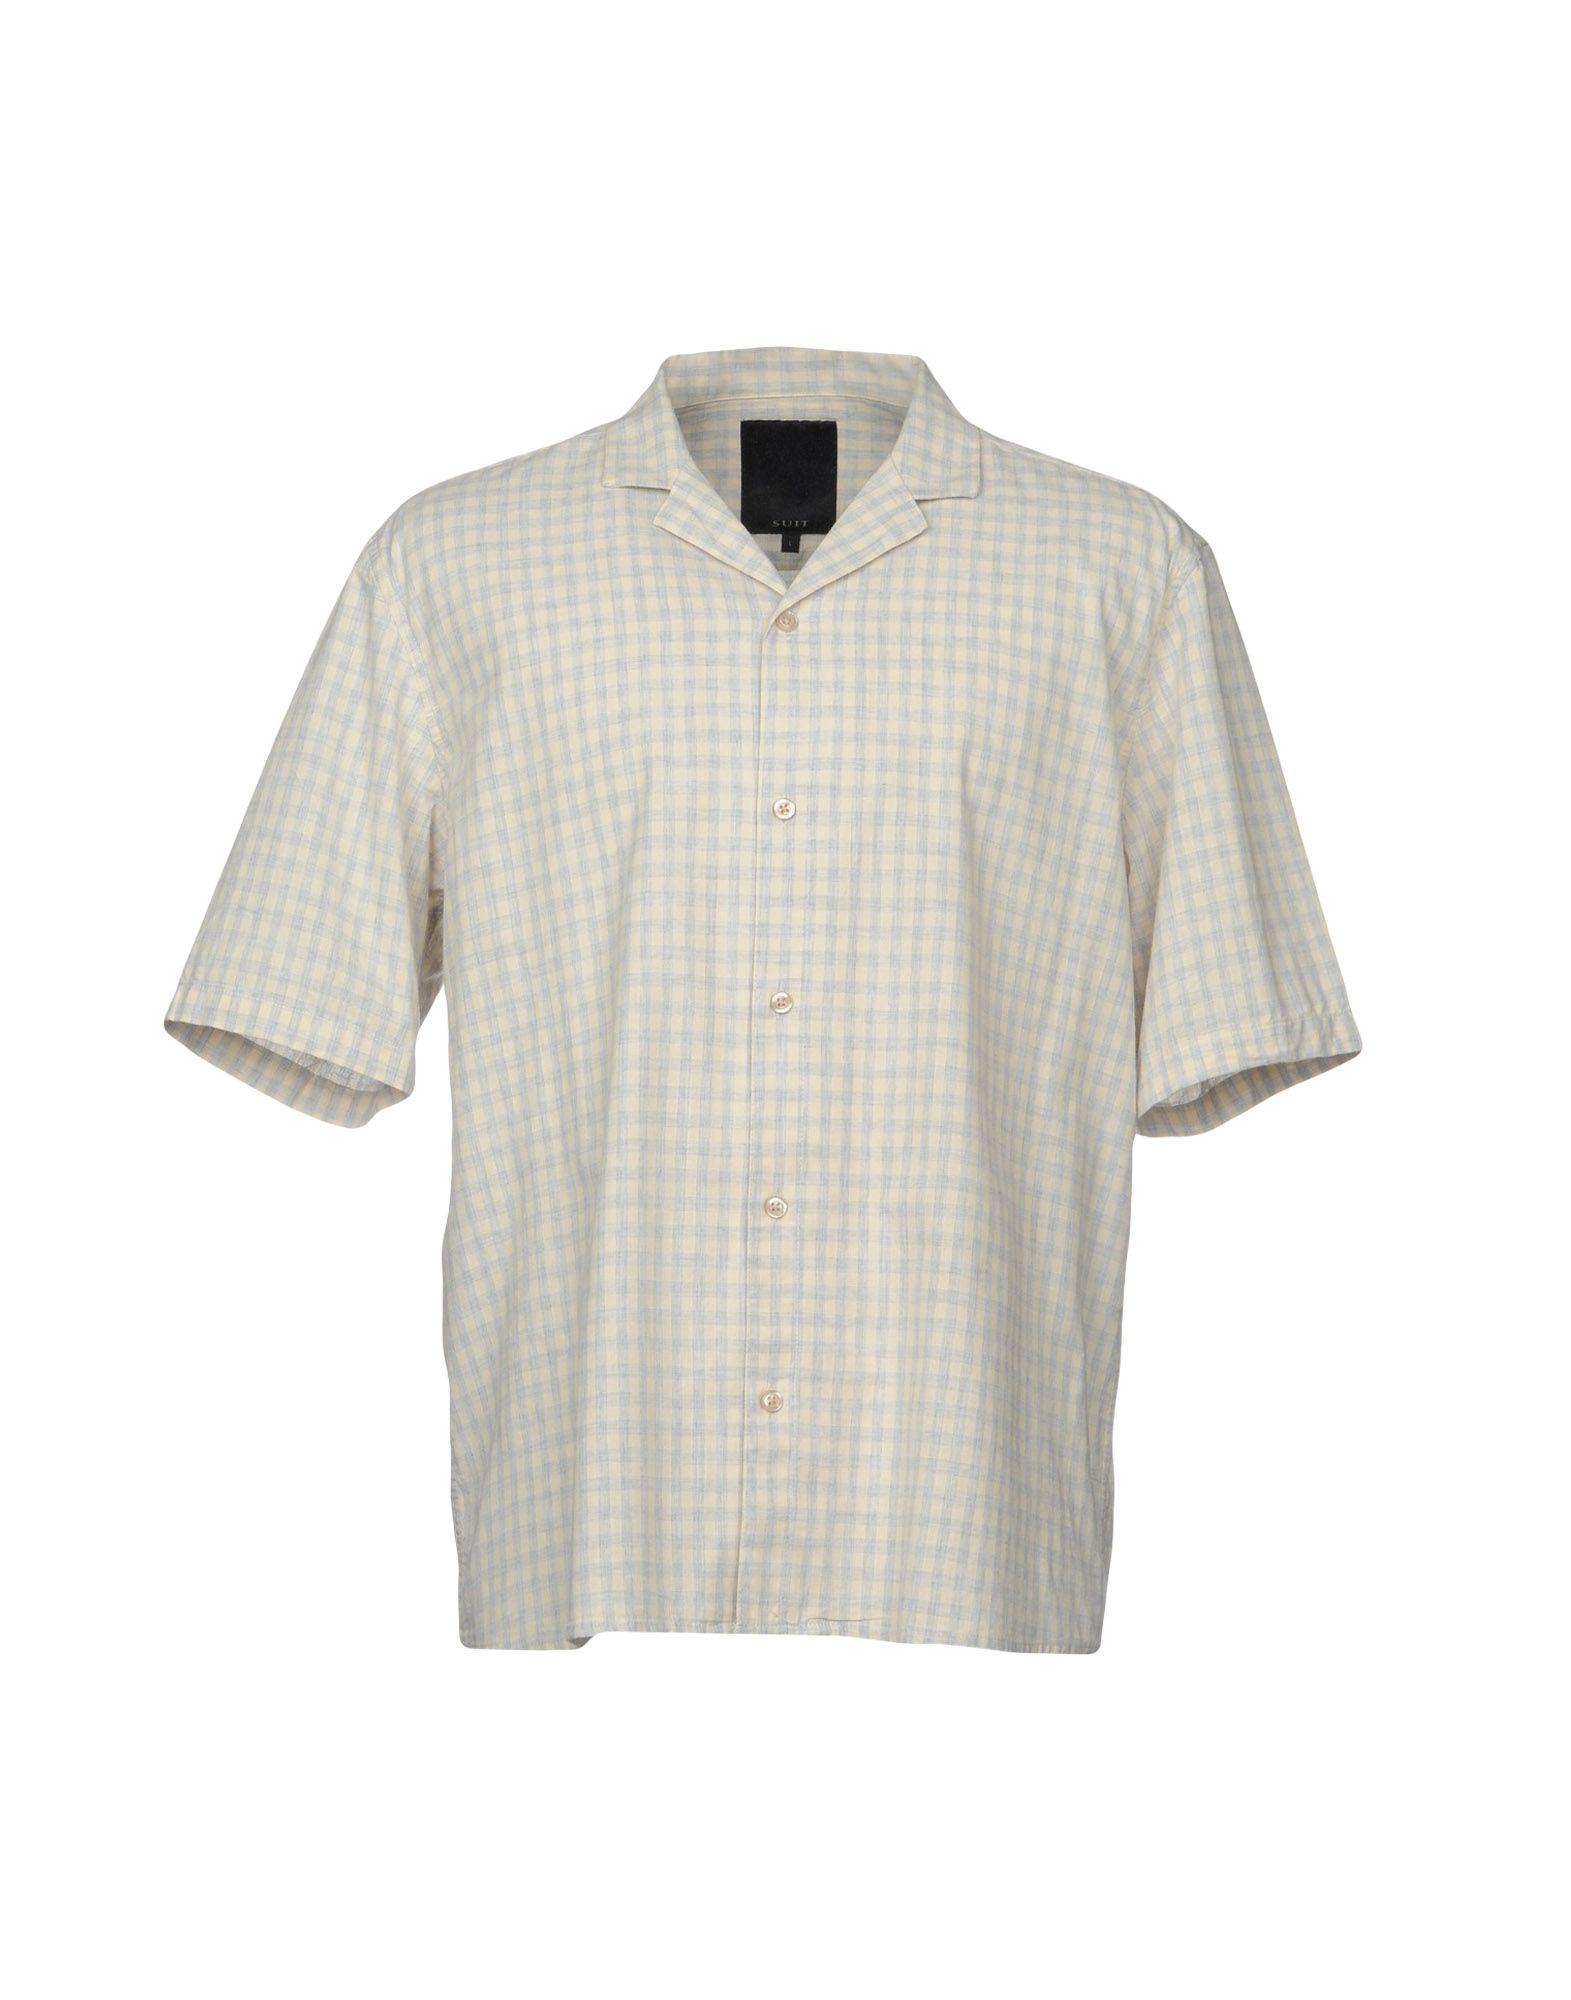 《送料無料》SUIT メンズ シャツ アイボリー S コットン 100%